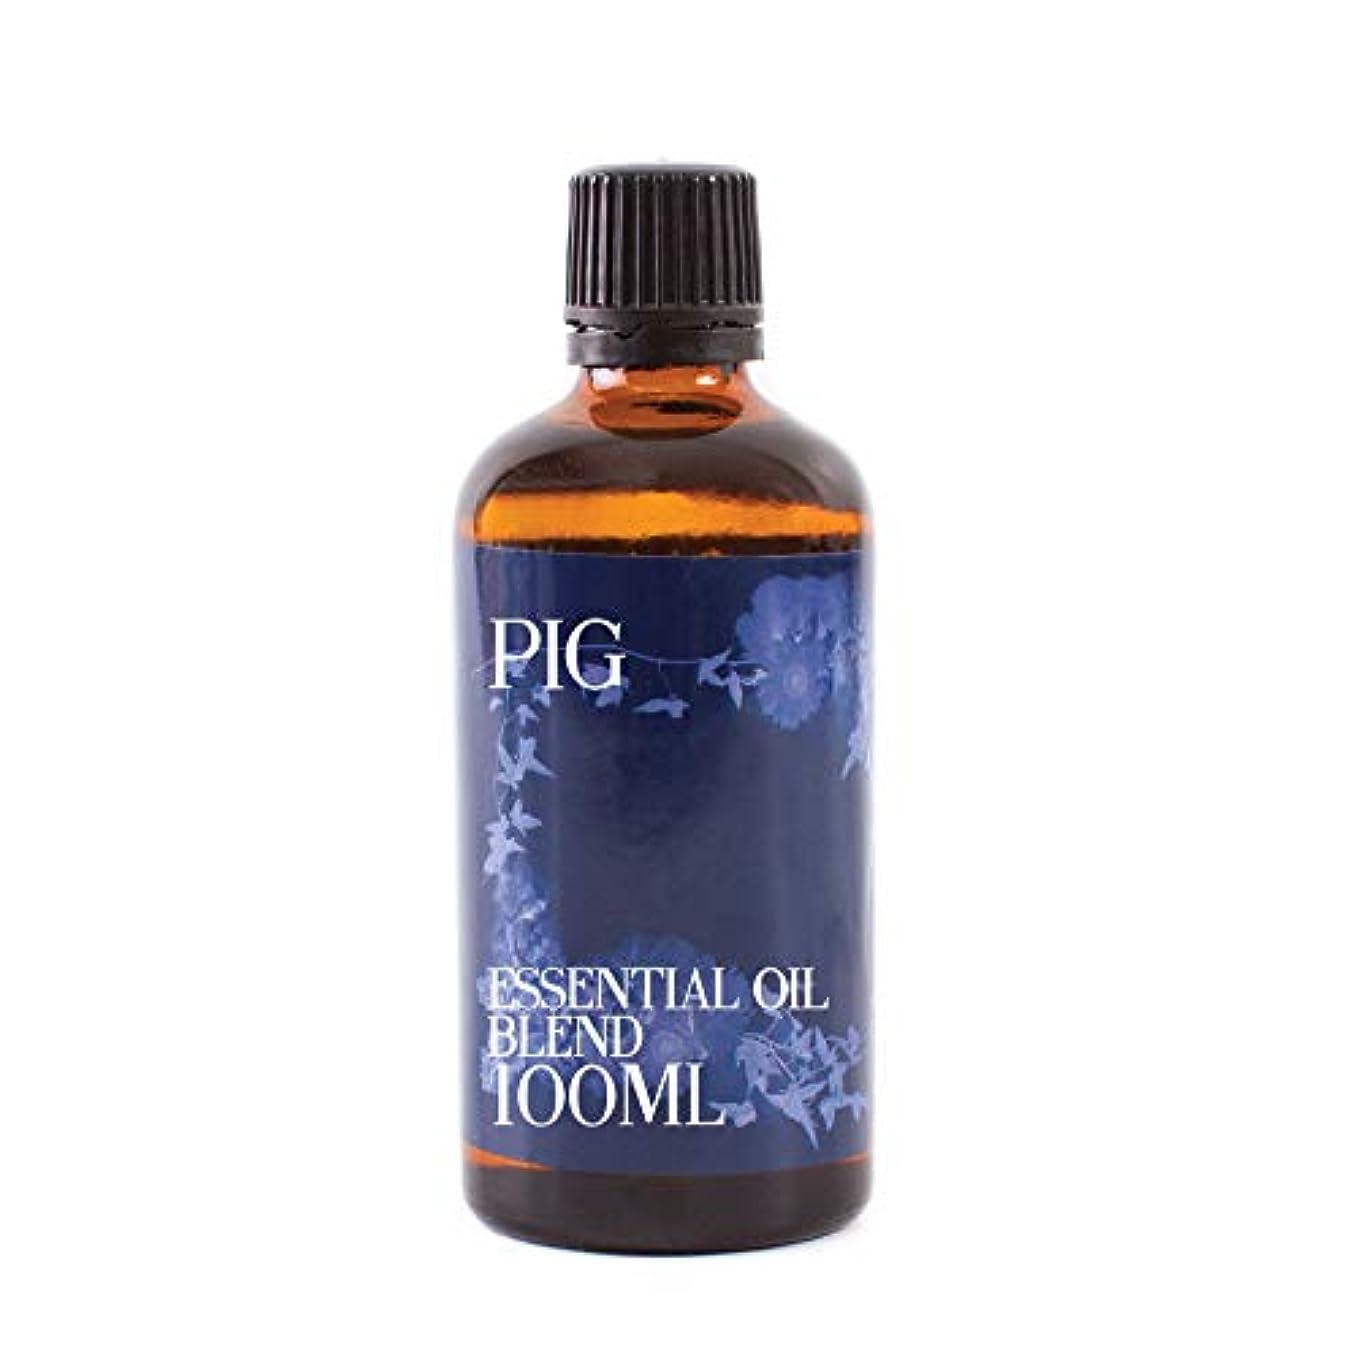 行く潜むMystix London | Pig | Chinese Zodiac Essential Oil Blend 100ml